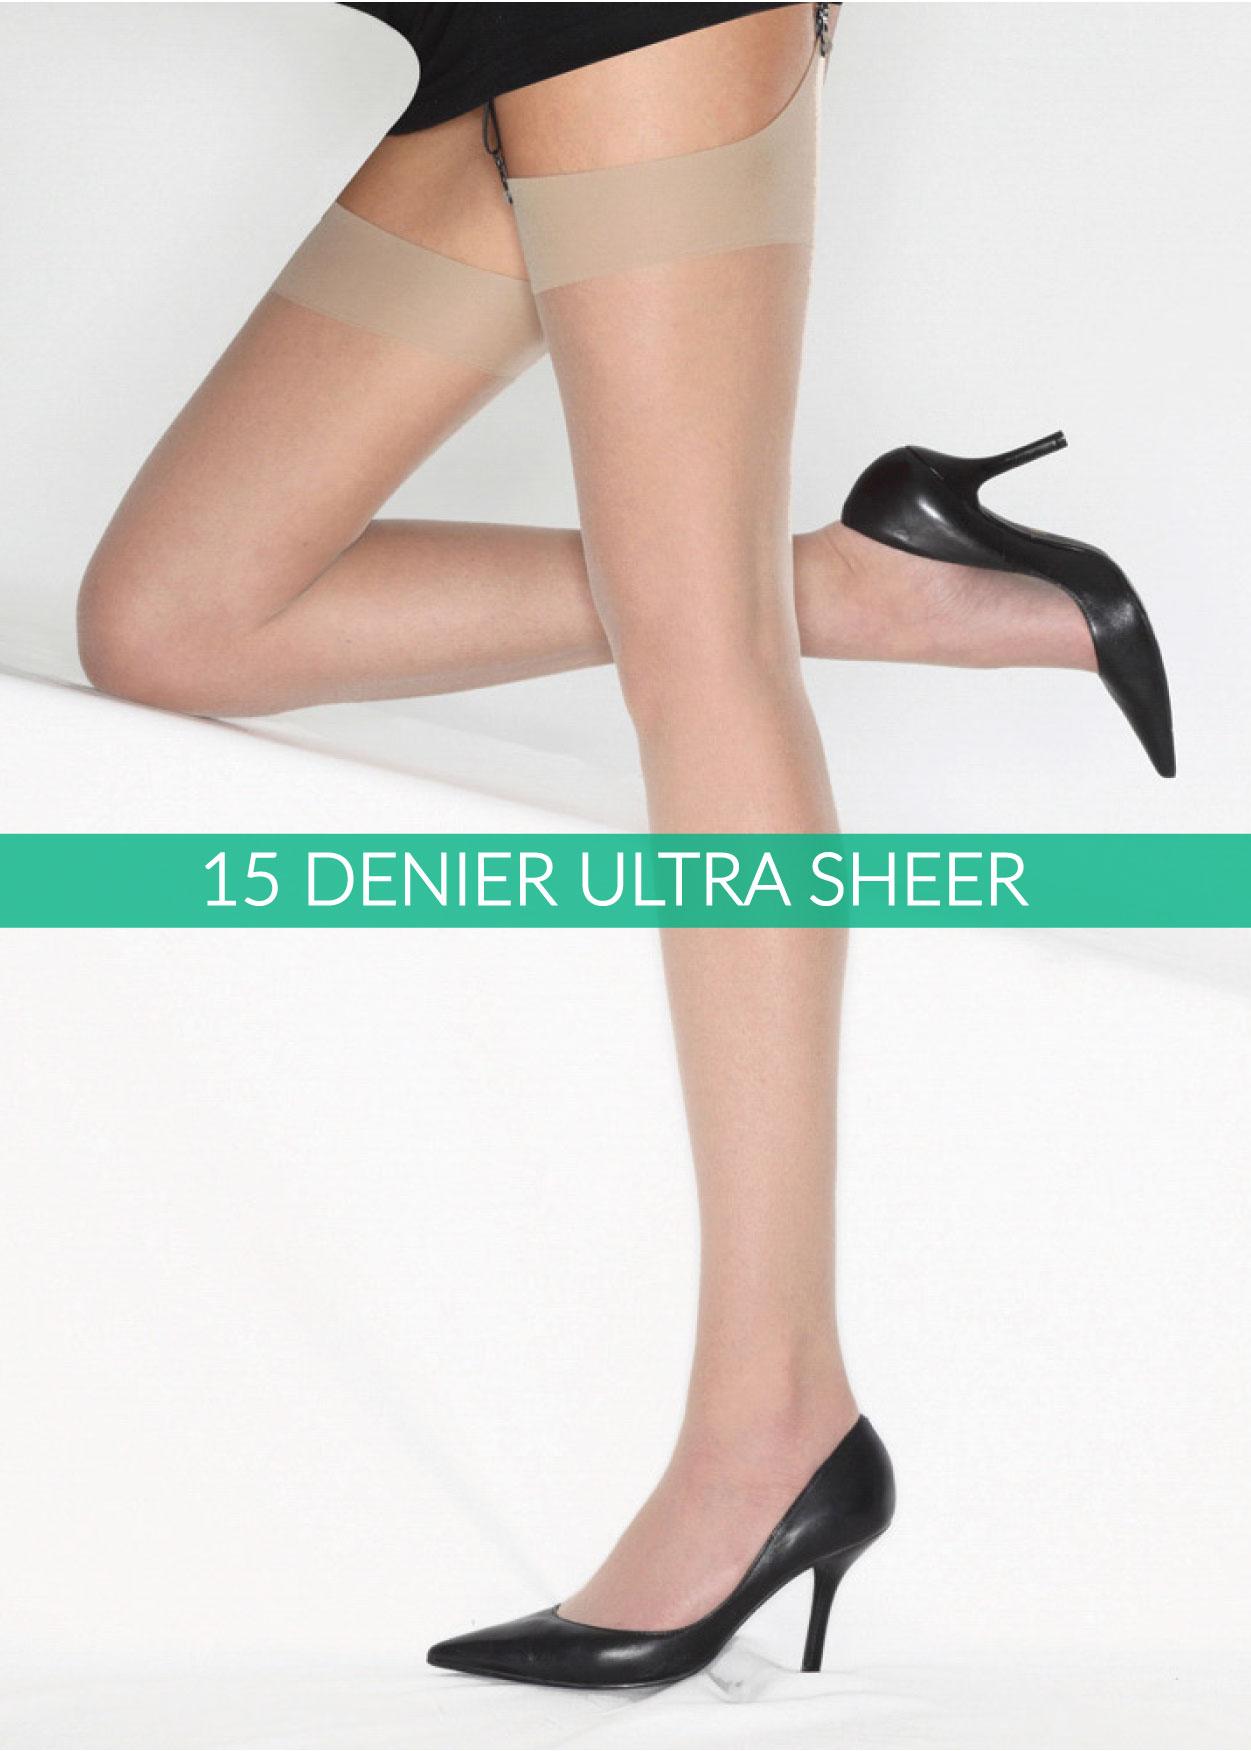 15 Denier Sheer